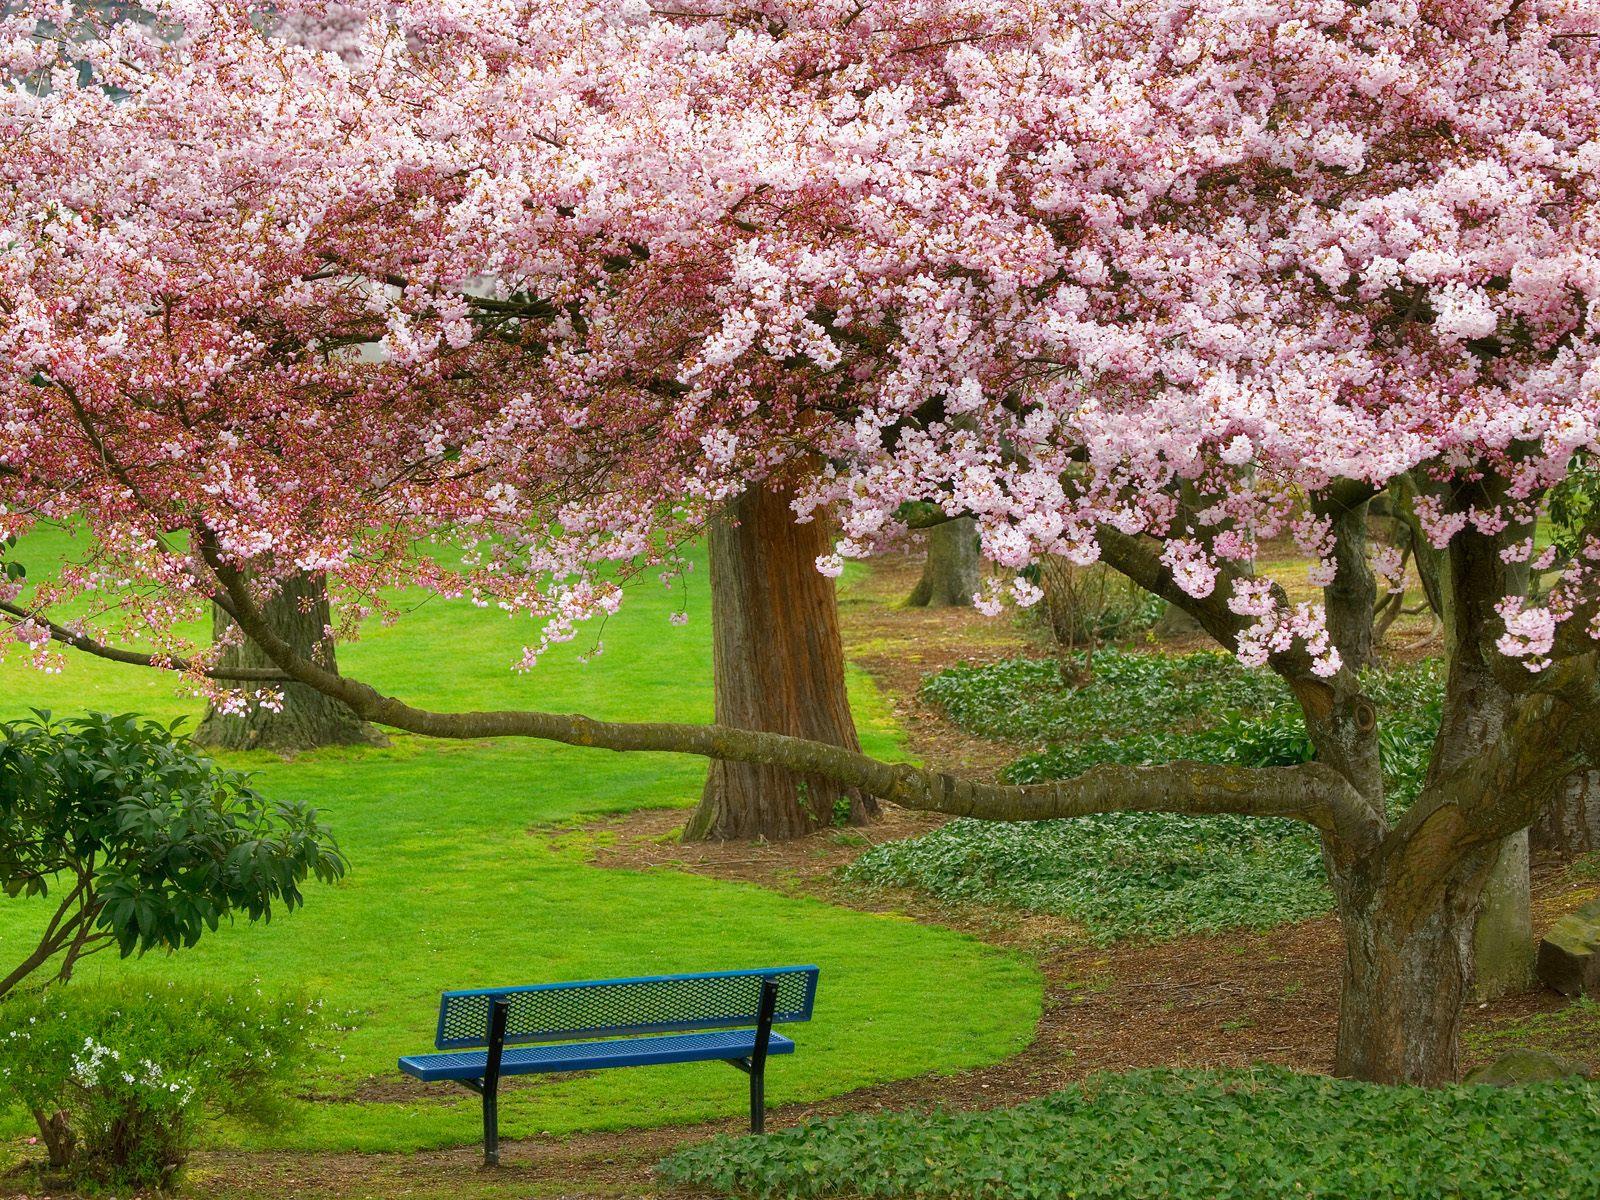 http://3.bp.blogspot.com/-8ROd2hTUkJg/TktP6x_8yoI/AAAAAAAAA48/z-6zEHGzr8s/s1600/Cherry+Tree%252C+Evergreen+Park%252C+Bremerton%252C+Washington.jpg